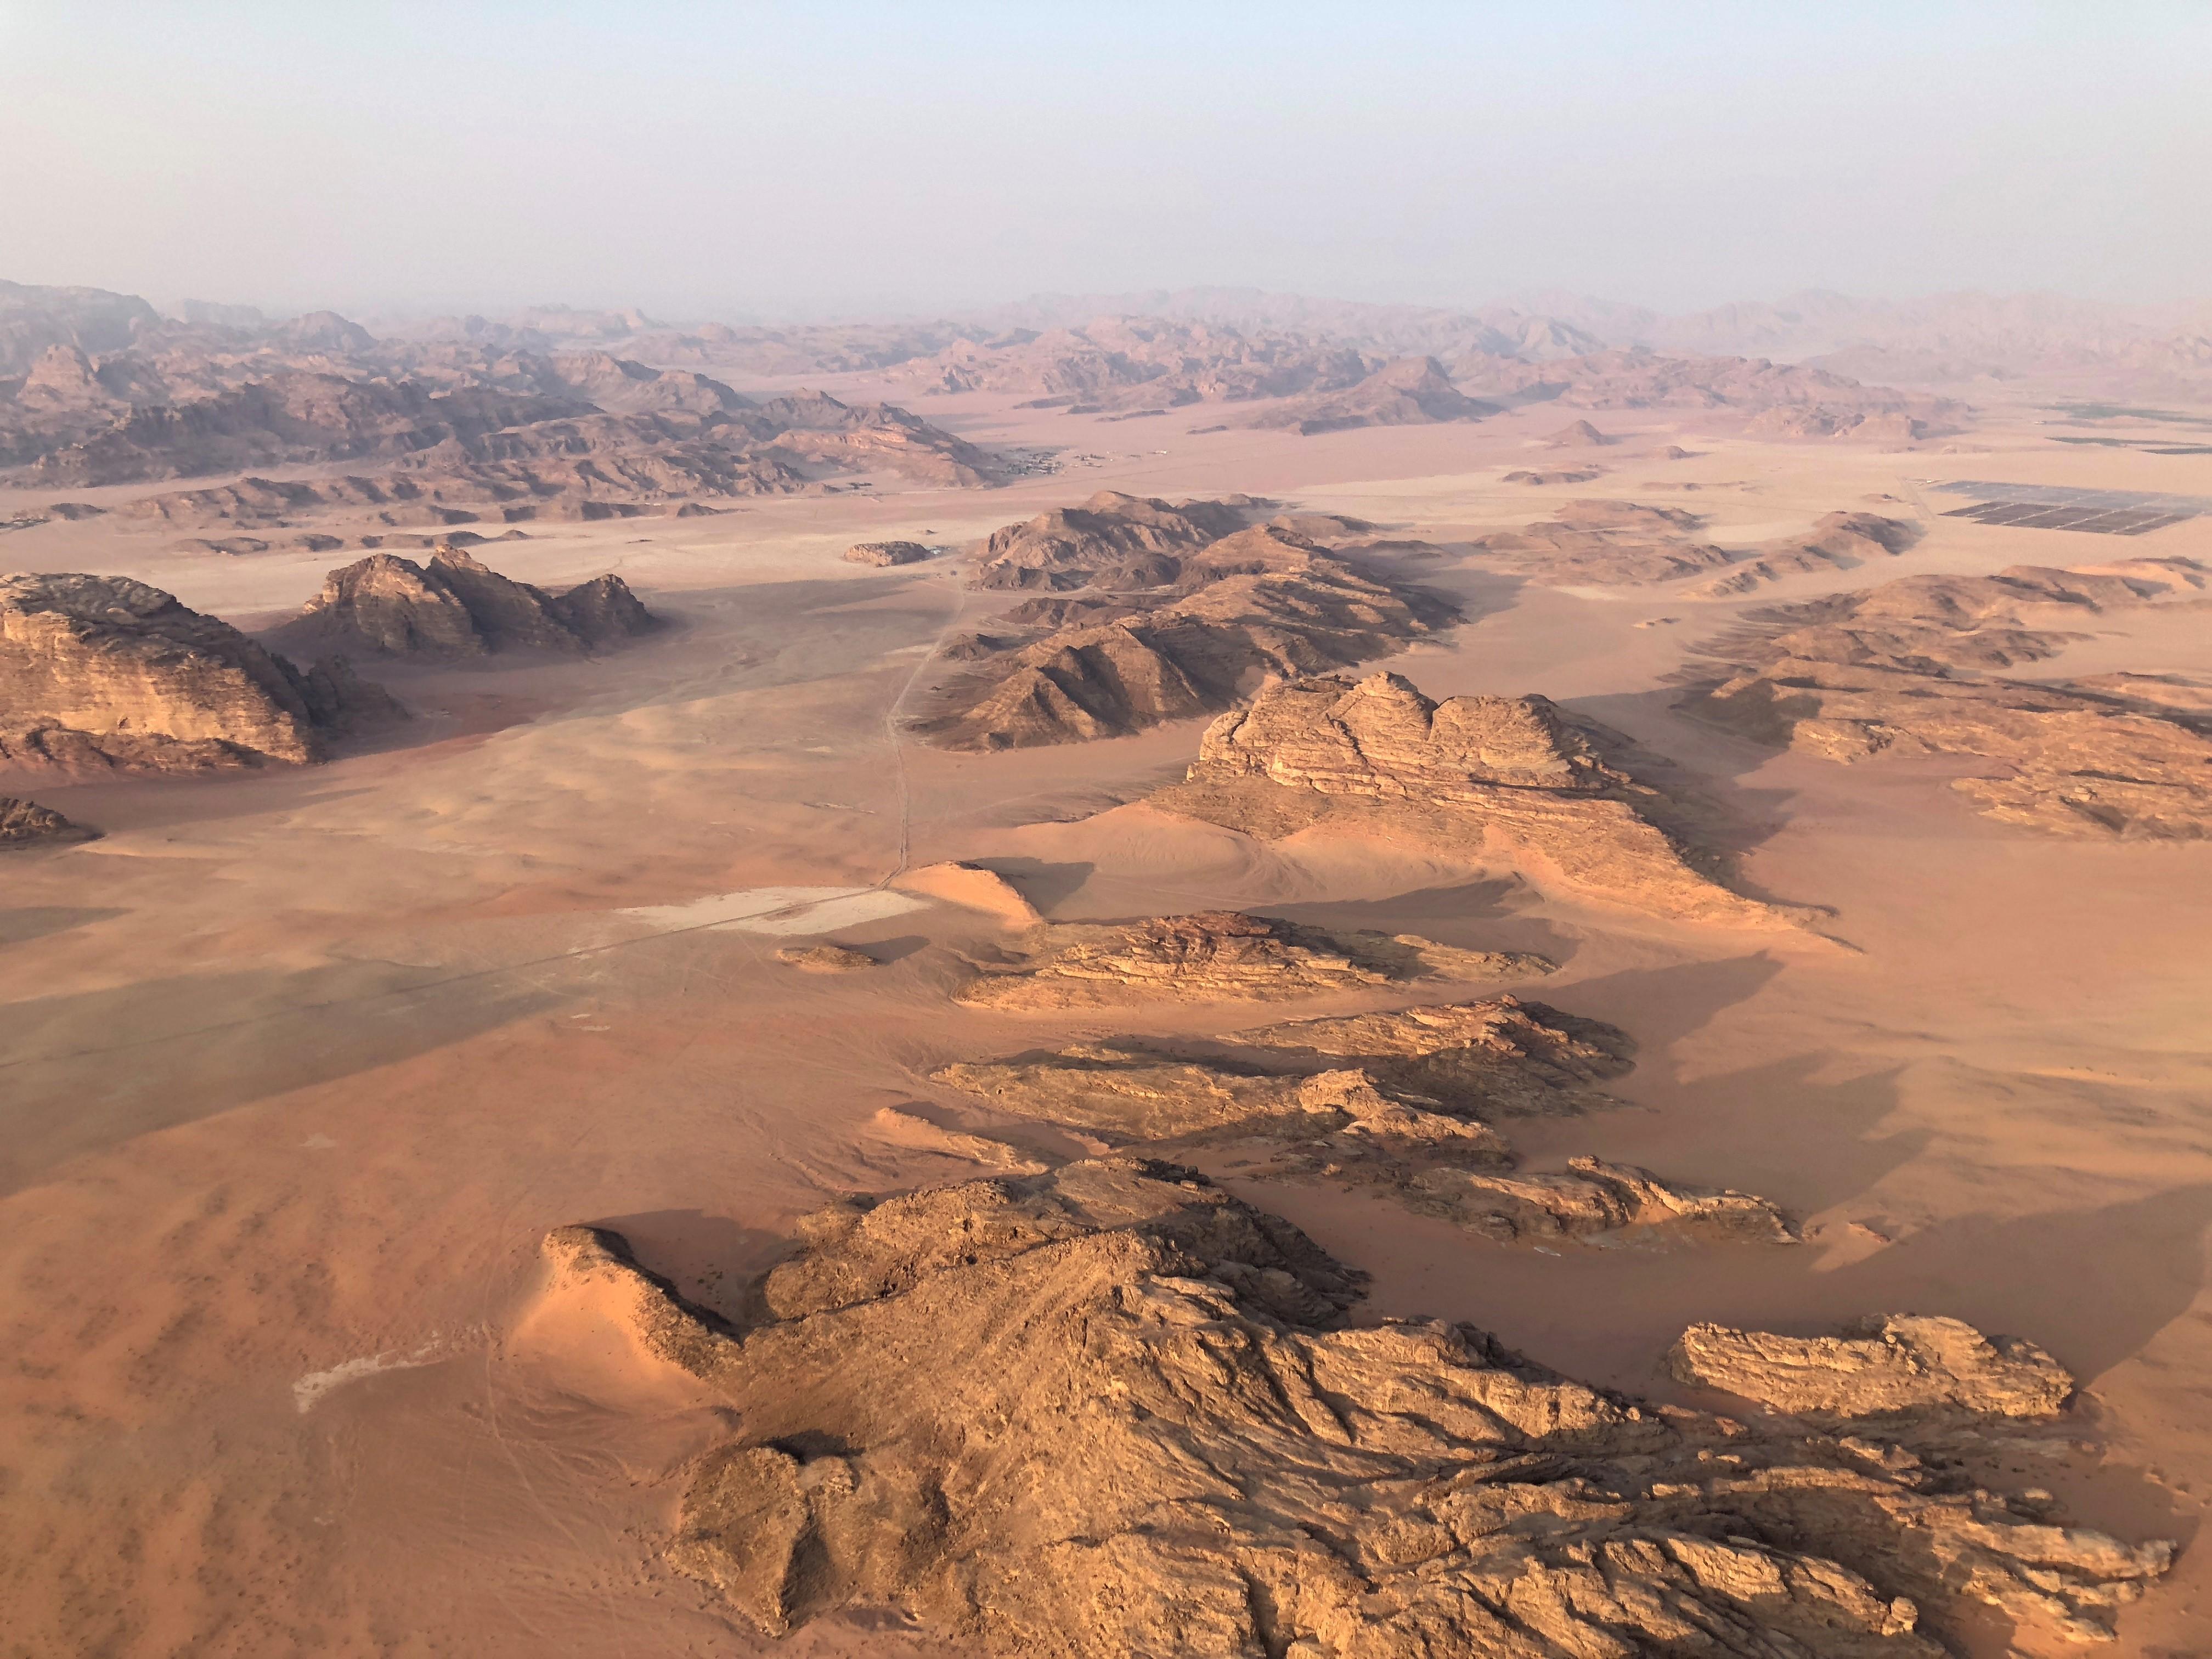 Ballonvaart over de Wadi Rum met zonsopkomst